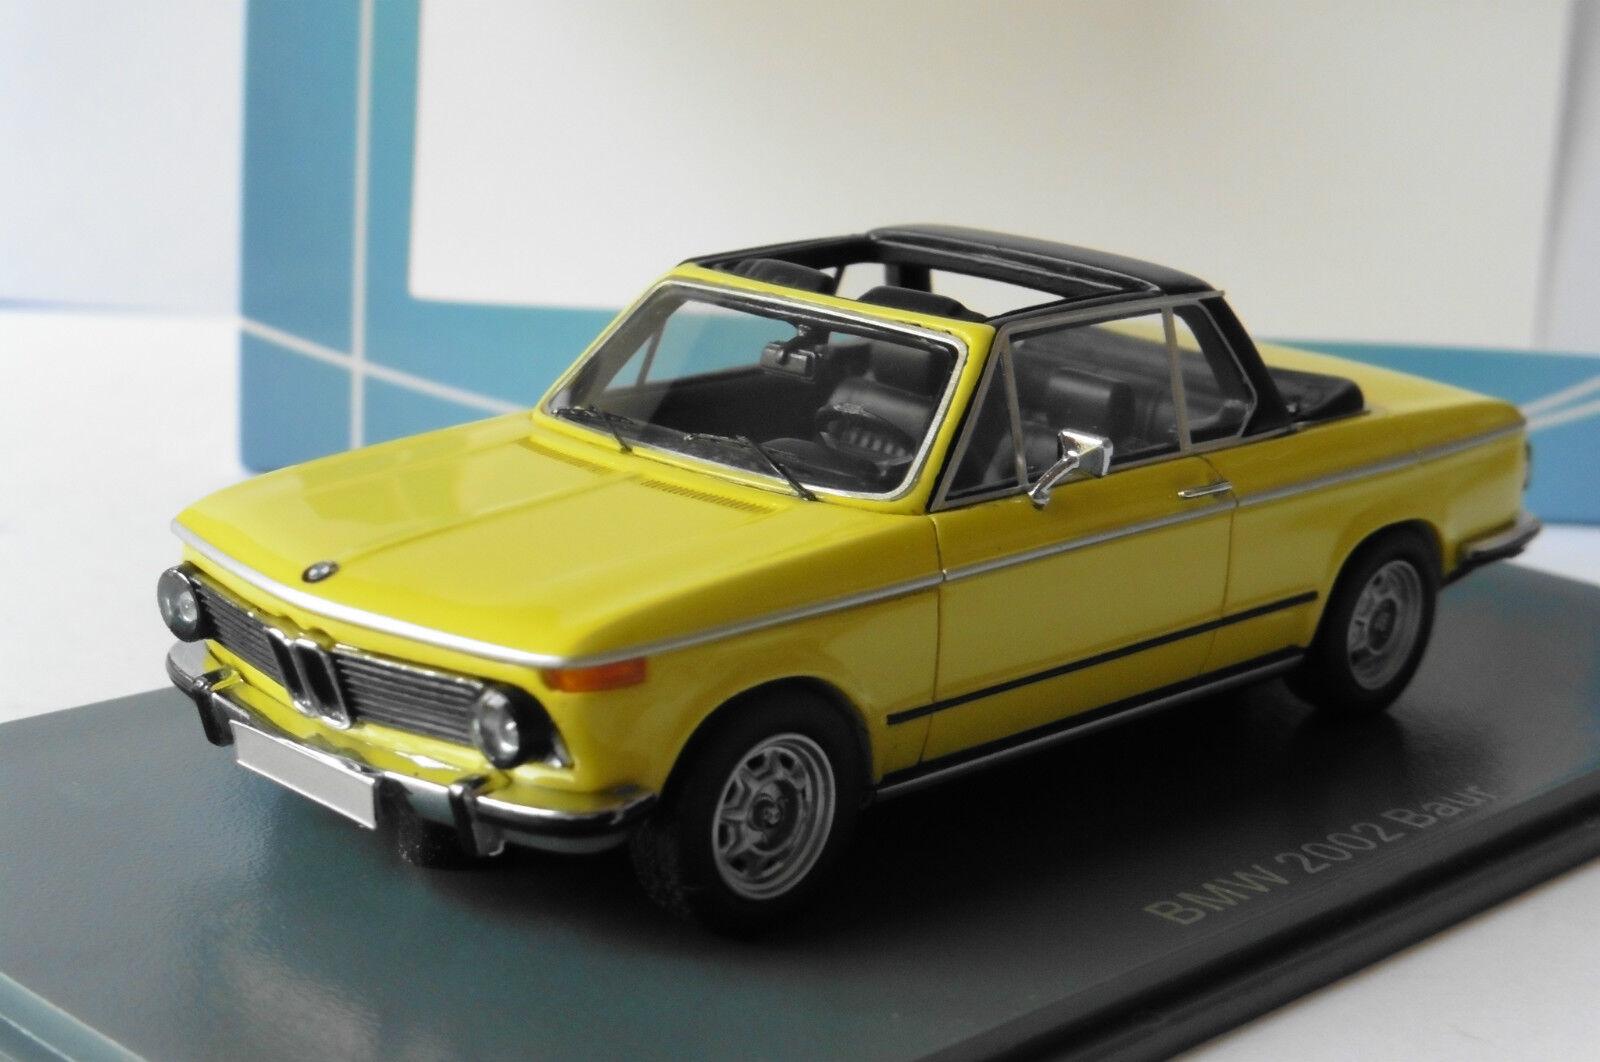 Bmw 2002 e10 baur roadster gelbe neo - 43284 1   43 cabriolet gelb Gelb unerläßlich